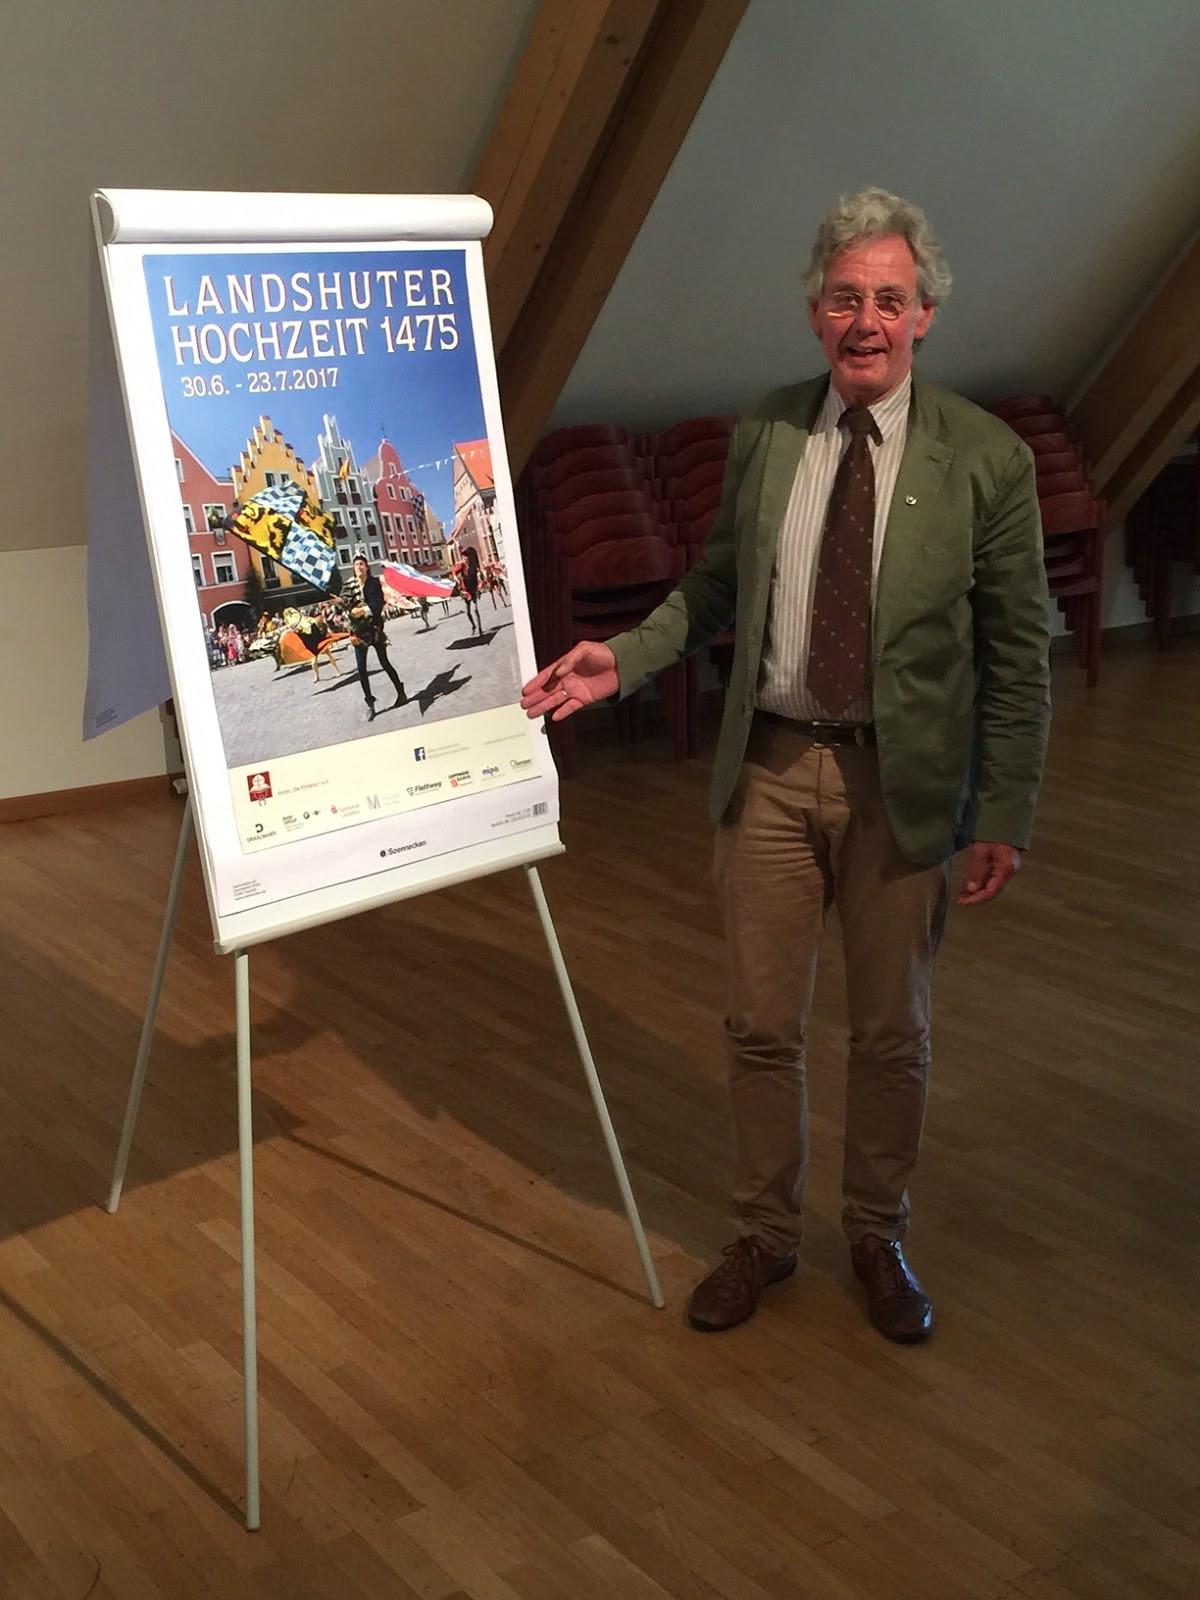 Landshuter Hochzeit Kartenvorverkauf  Landshut 365 das Stadtmagazin Landshuter Hochzeit 2017